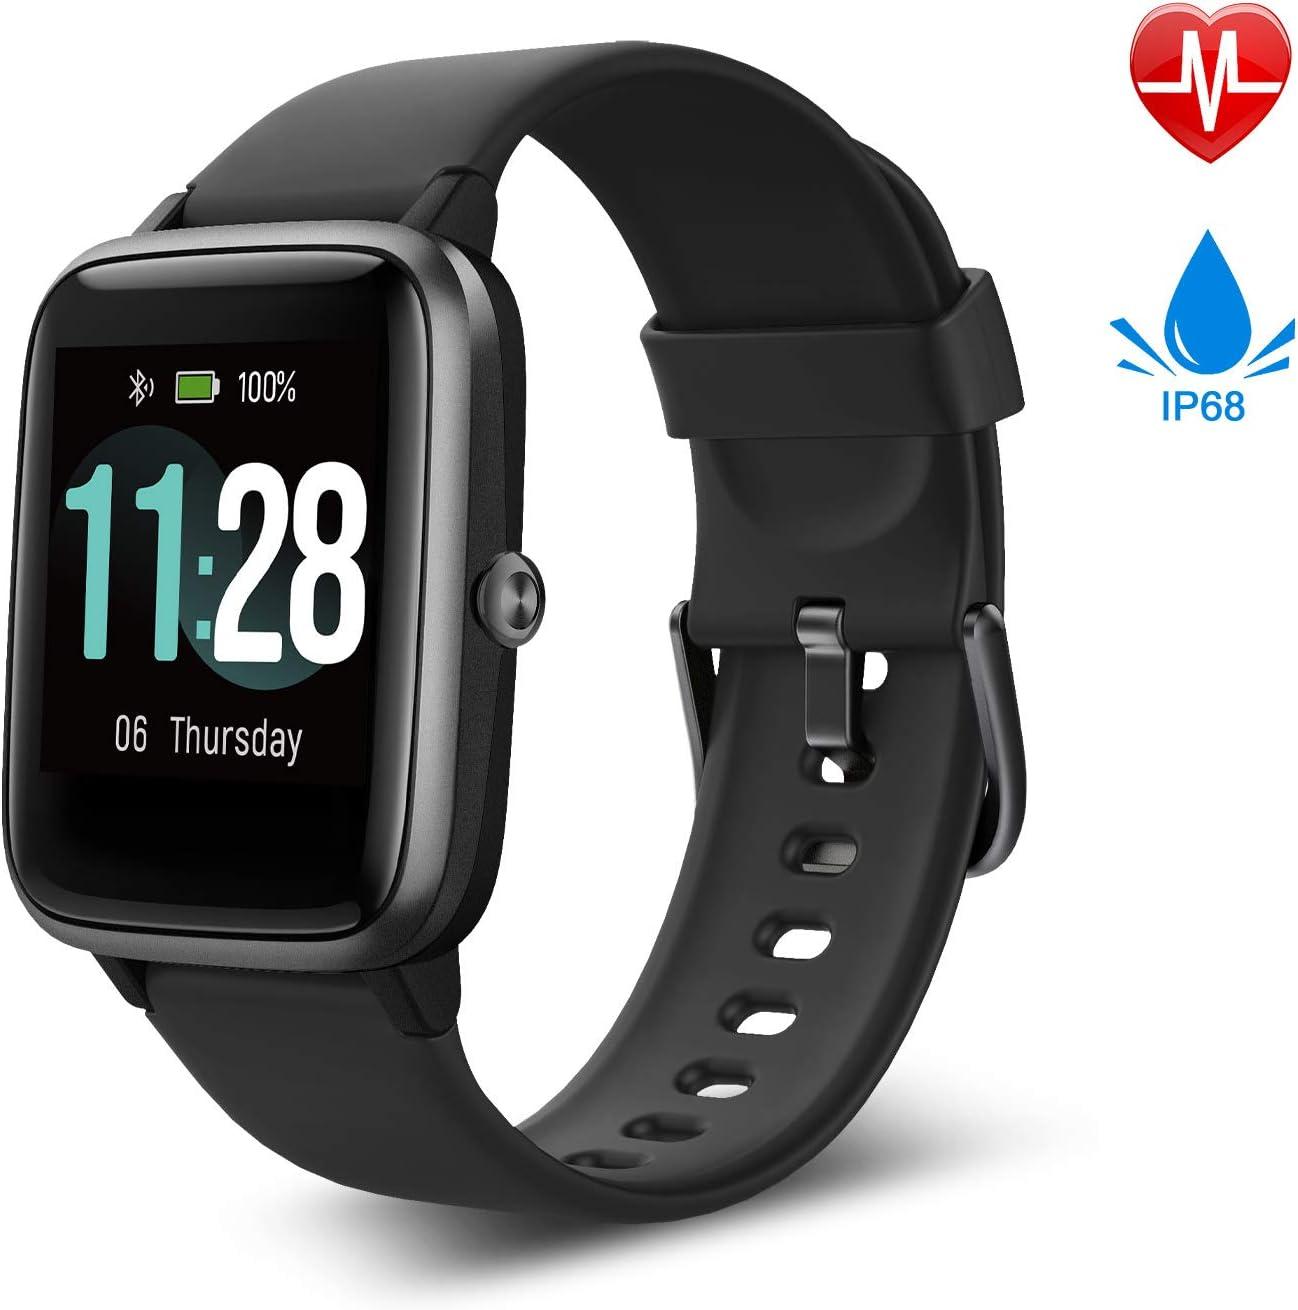 Fitpolo Reloj Inteligente, Smartwatch Hombre y Mujer Pulsera Actividad Inteligent Deportivo Impermeable IP68 con Pulsómetro, Monitor de Sueño, Pantalla Táctil Completa Reloj Fitness para Android iOS